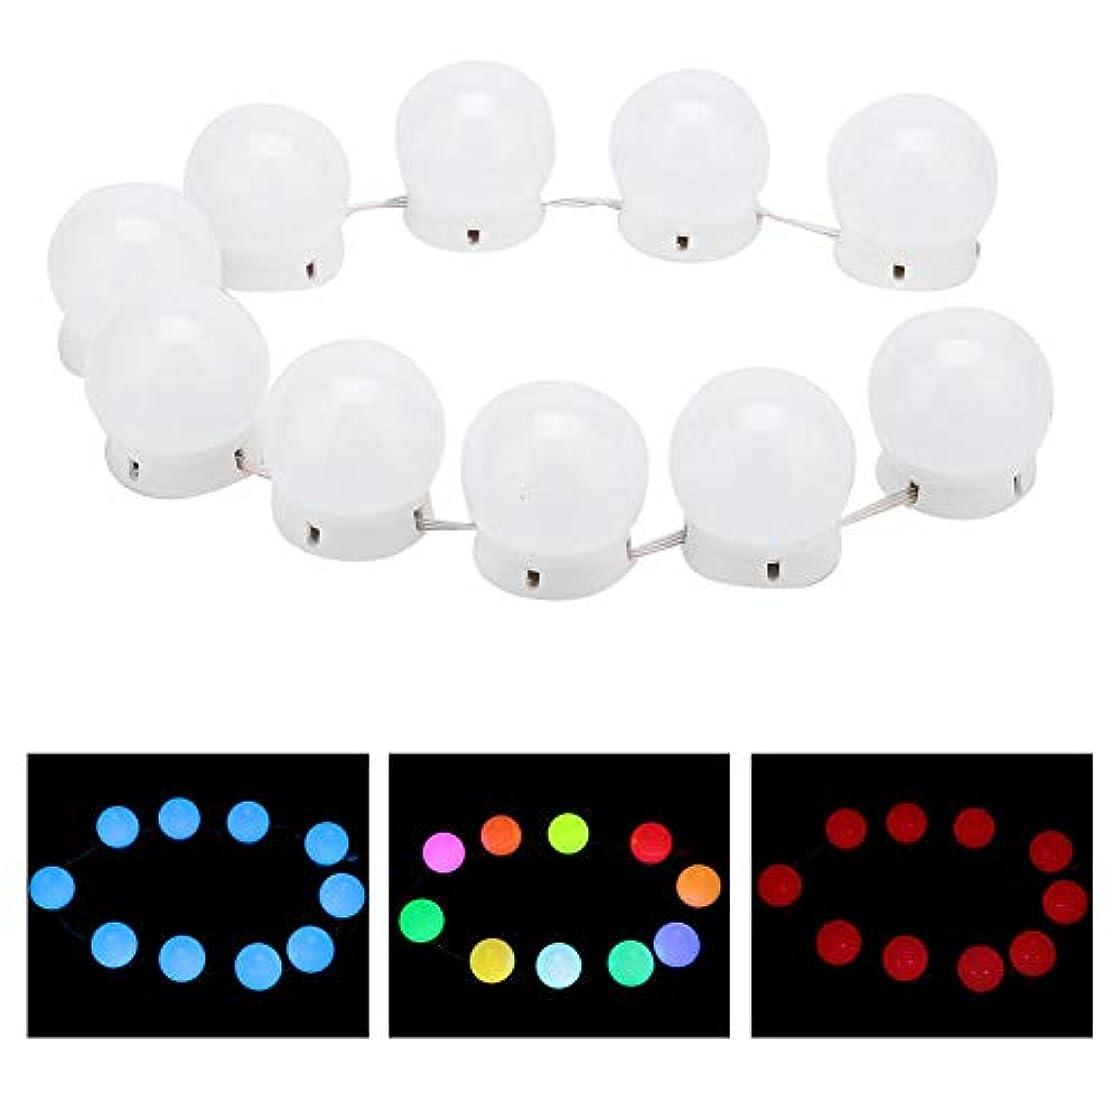 すでに円形のにぎやか化粧鏡ラ??イトキット 10 LED付き調 光ライトストリング電球バニティライト化粧鏡に最適 バスルームの照明